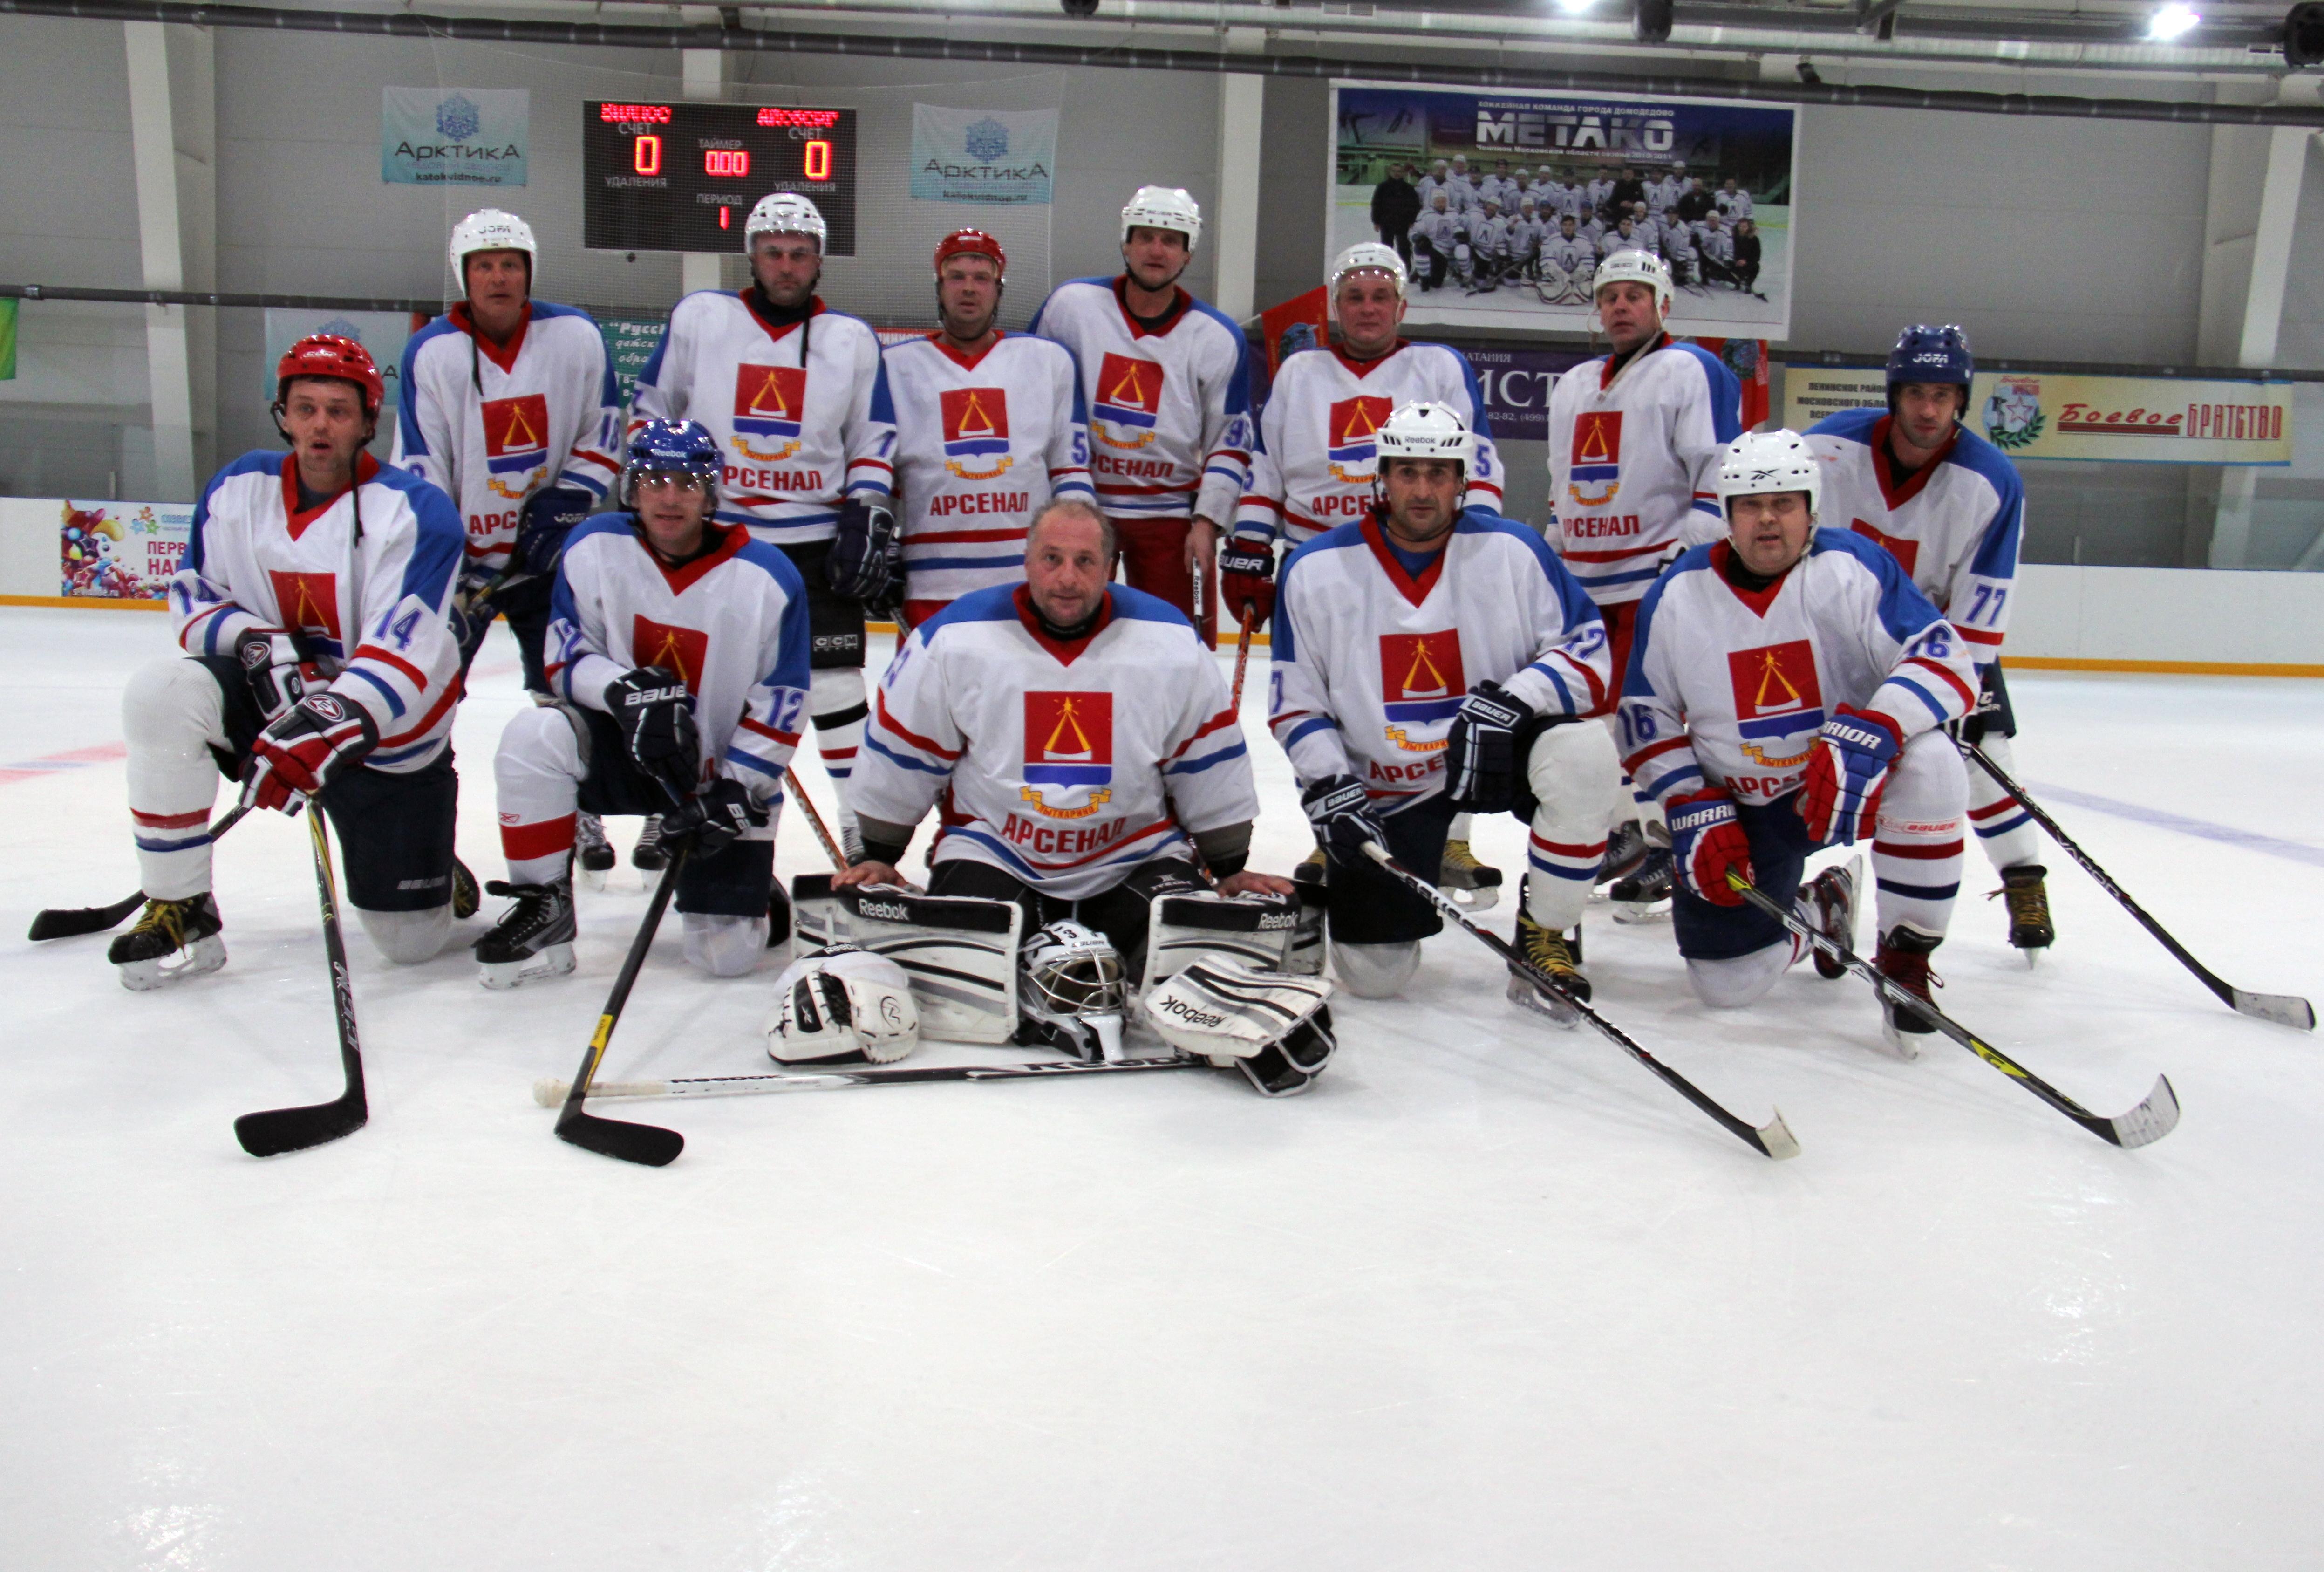 команды хоккея